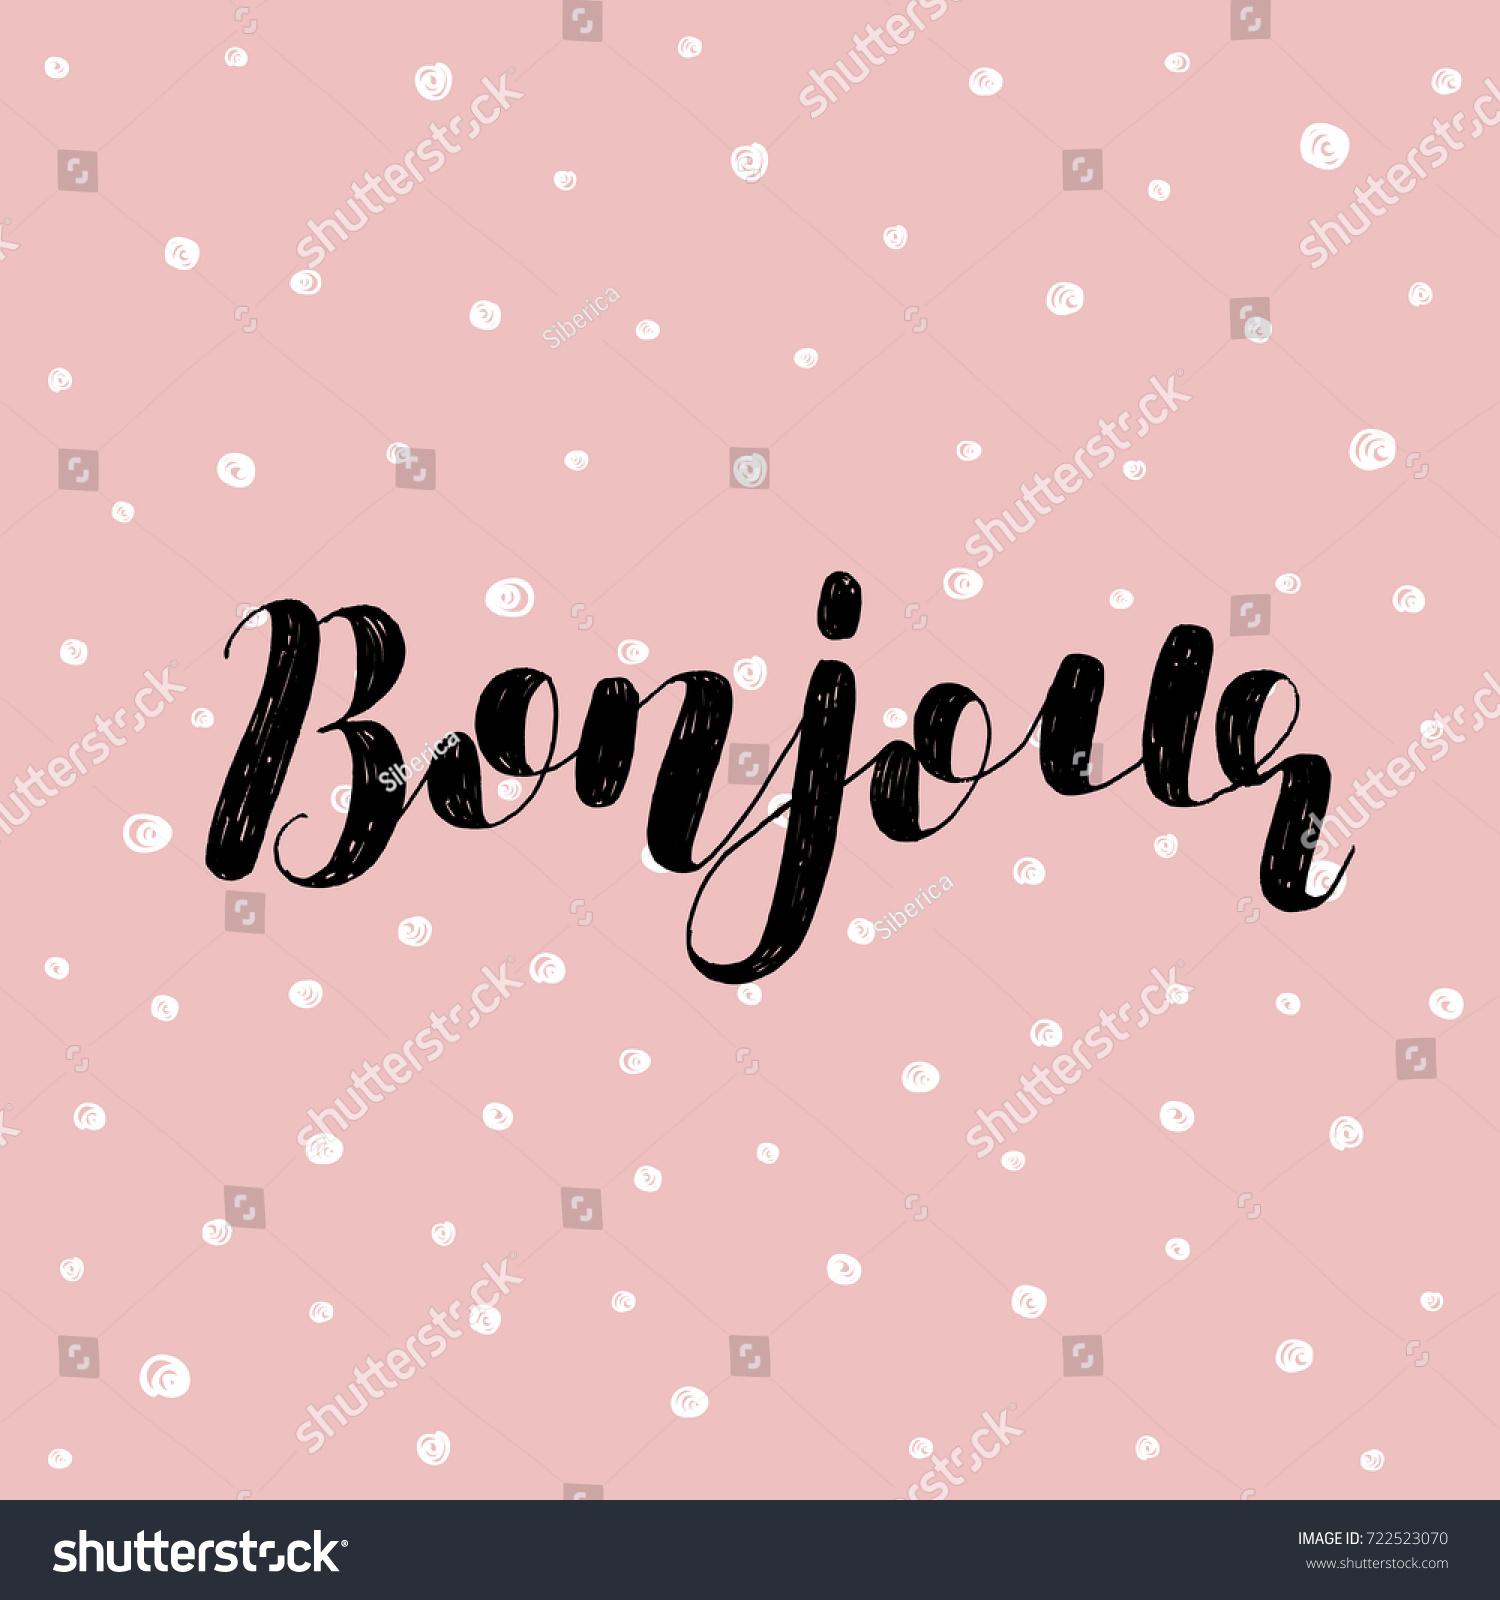 Bonjour Good Day In French Brush Hand Lettering Illustration